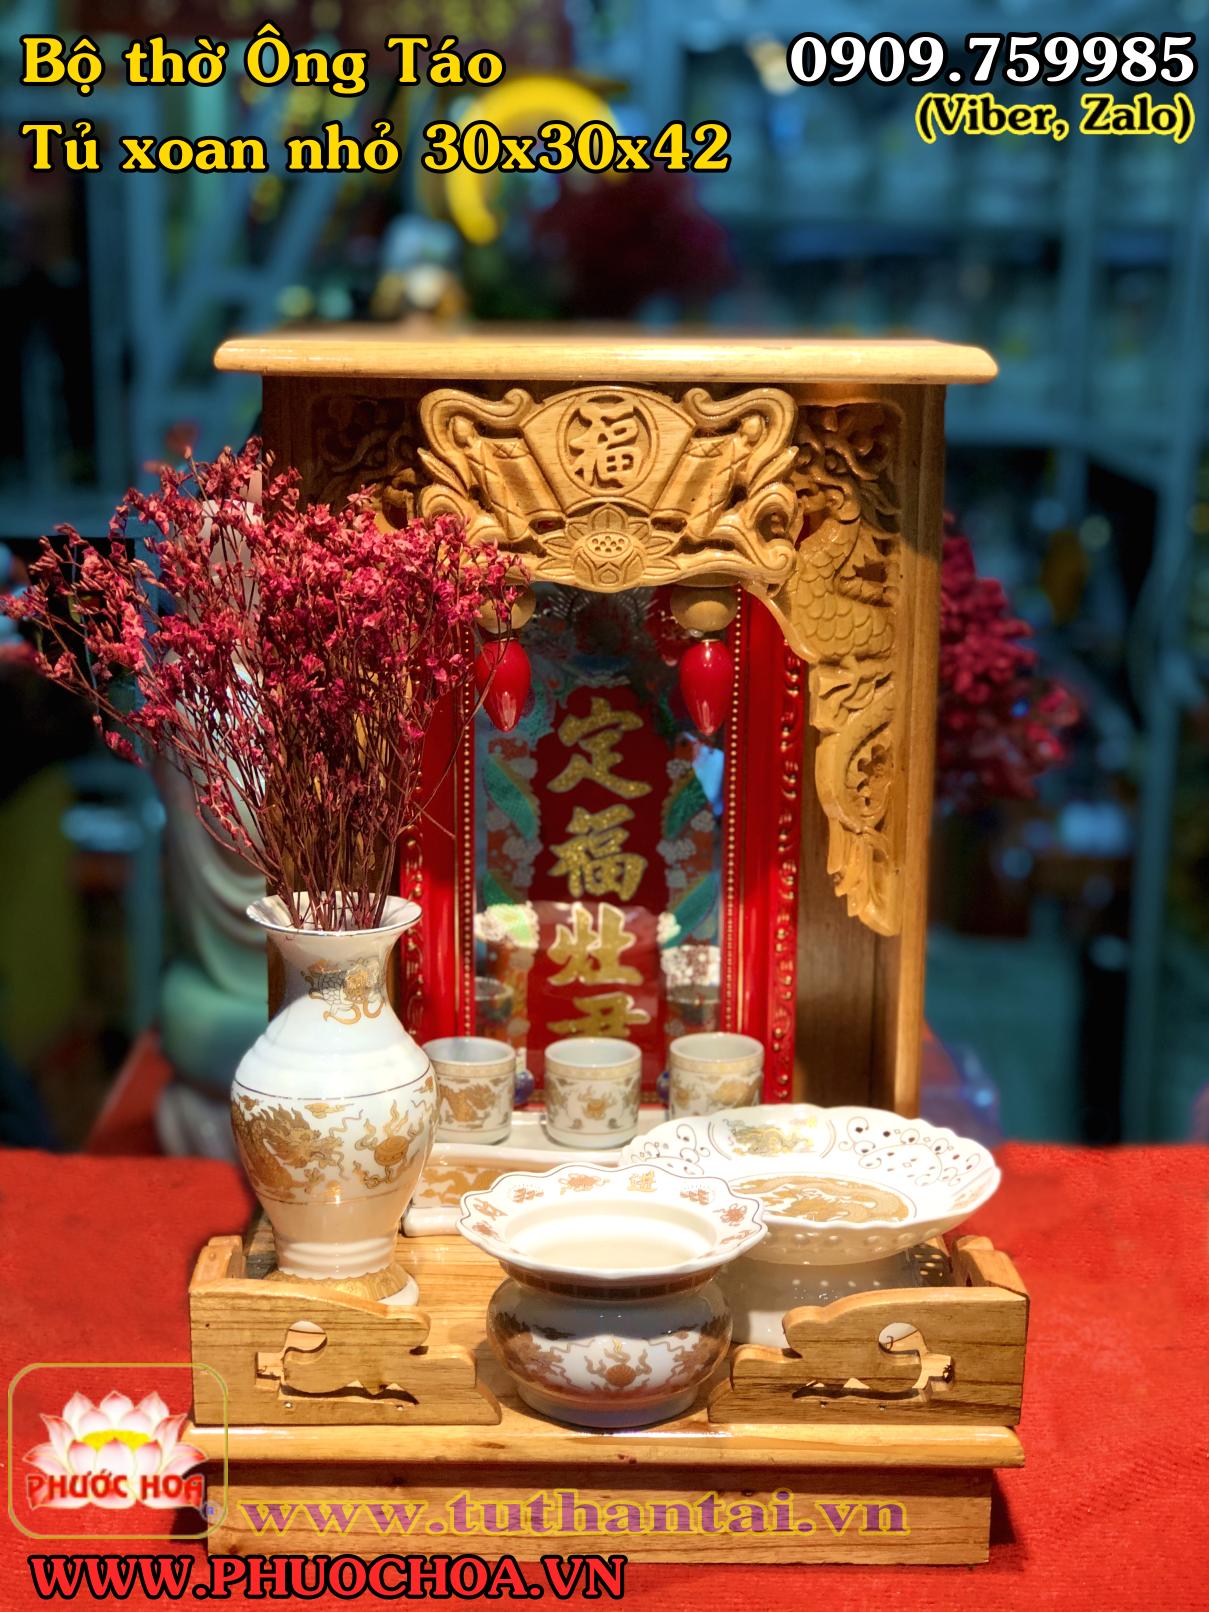 PHƯỚC HOA - Trang Tủ Thờ Thần Tài-Phật-Tượng Gốm Sứ-Đồ Đồng-Linh Vật Phong Thủy.... - 3